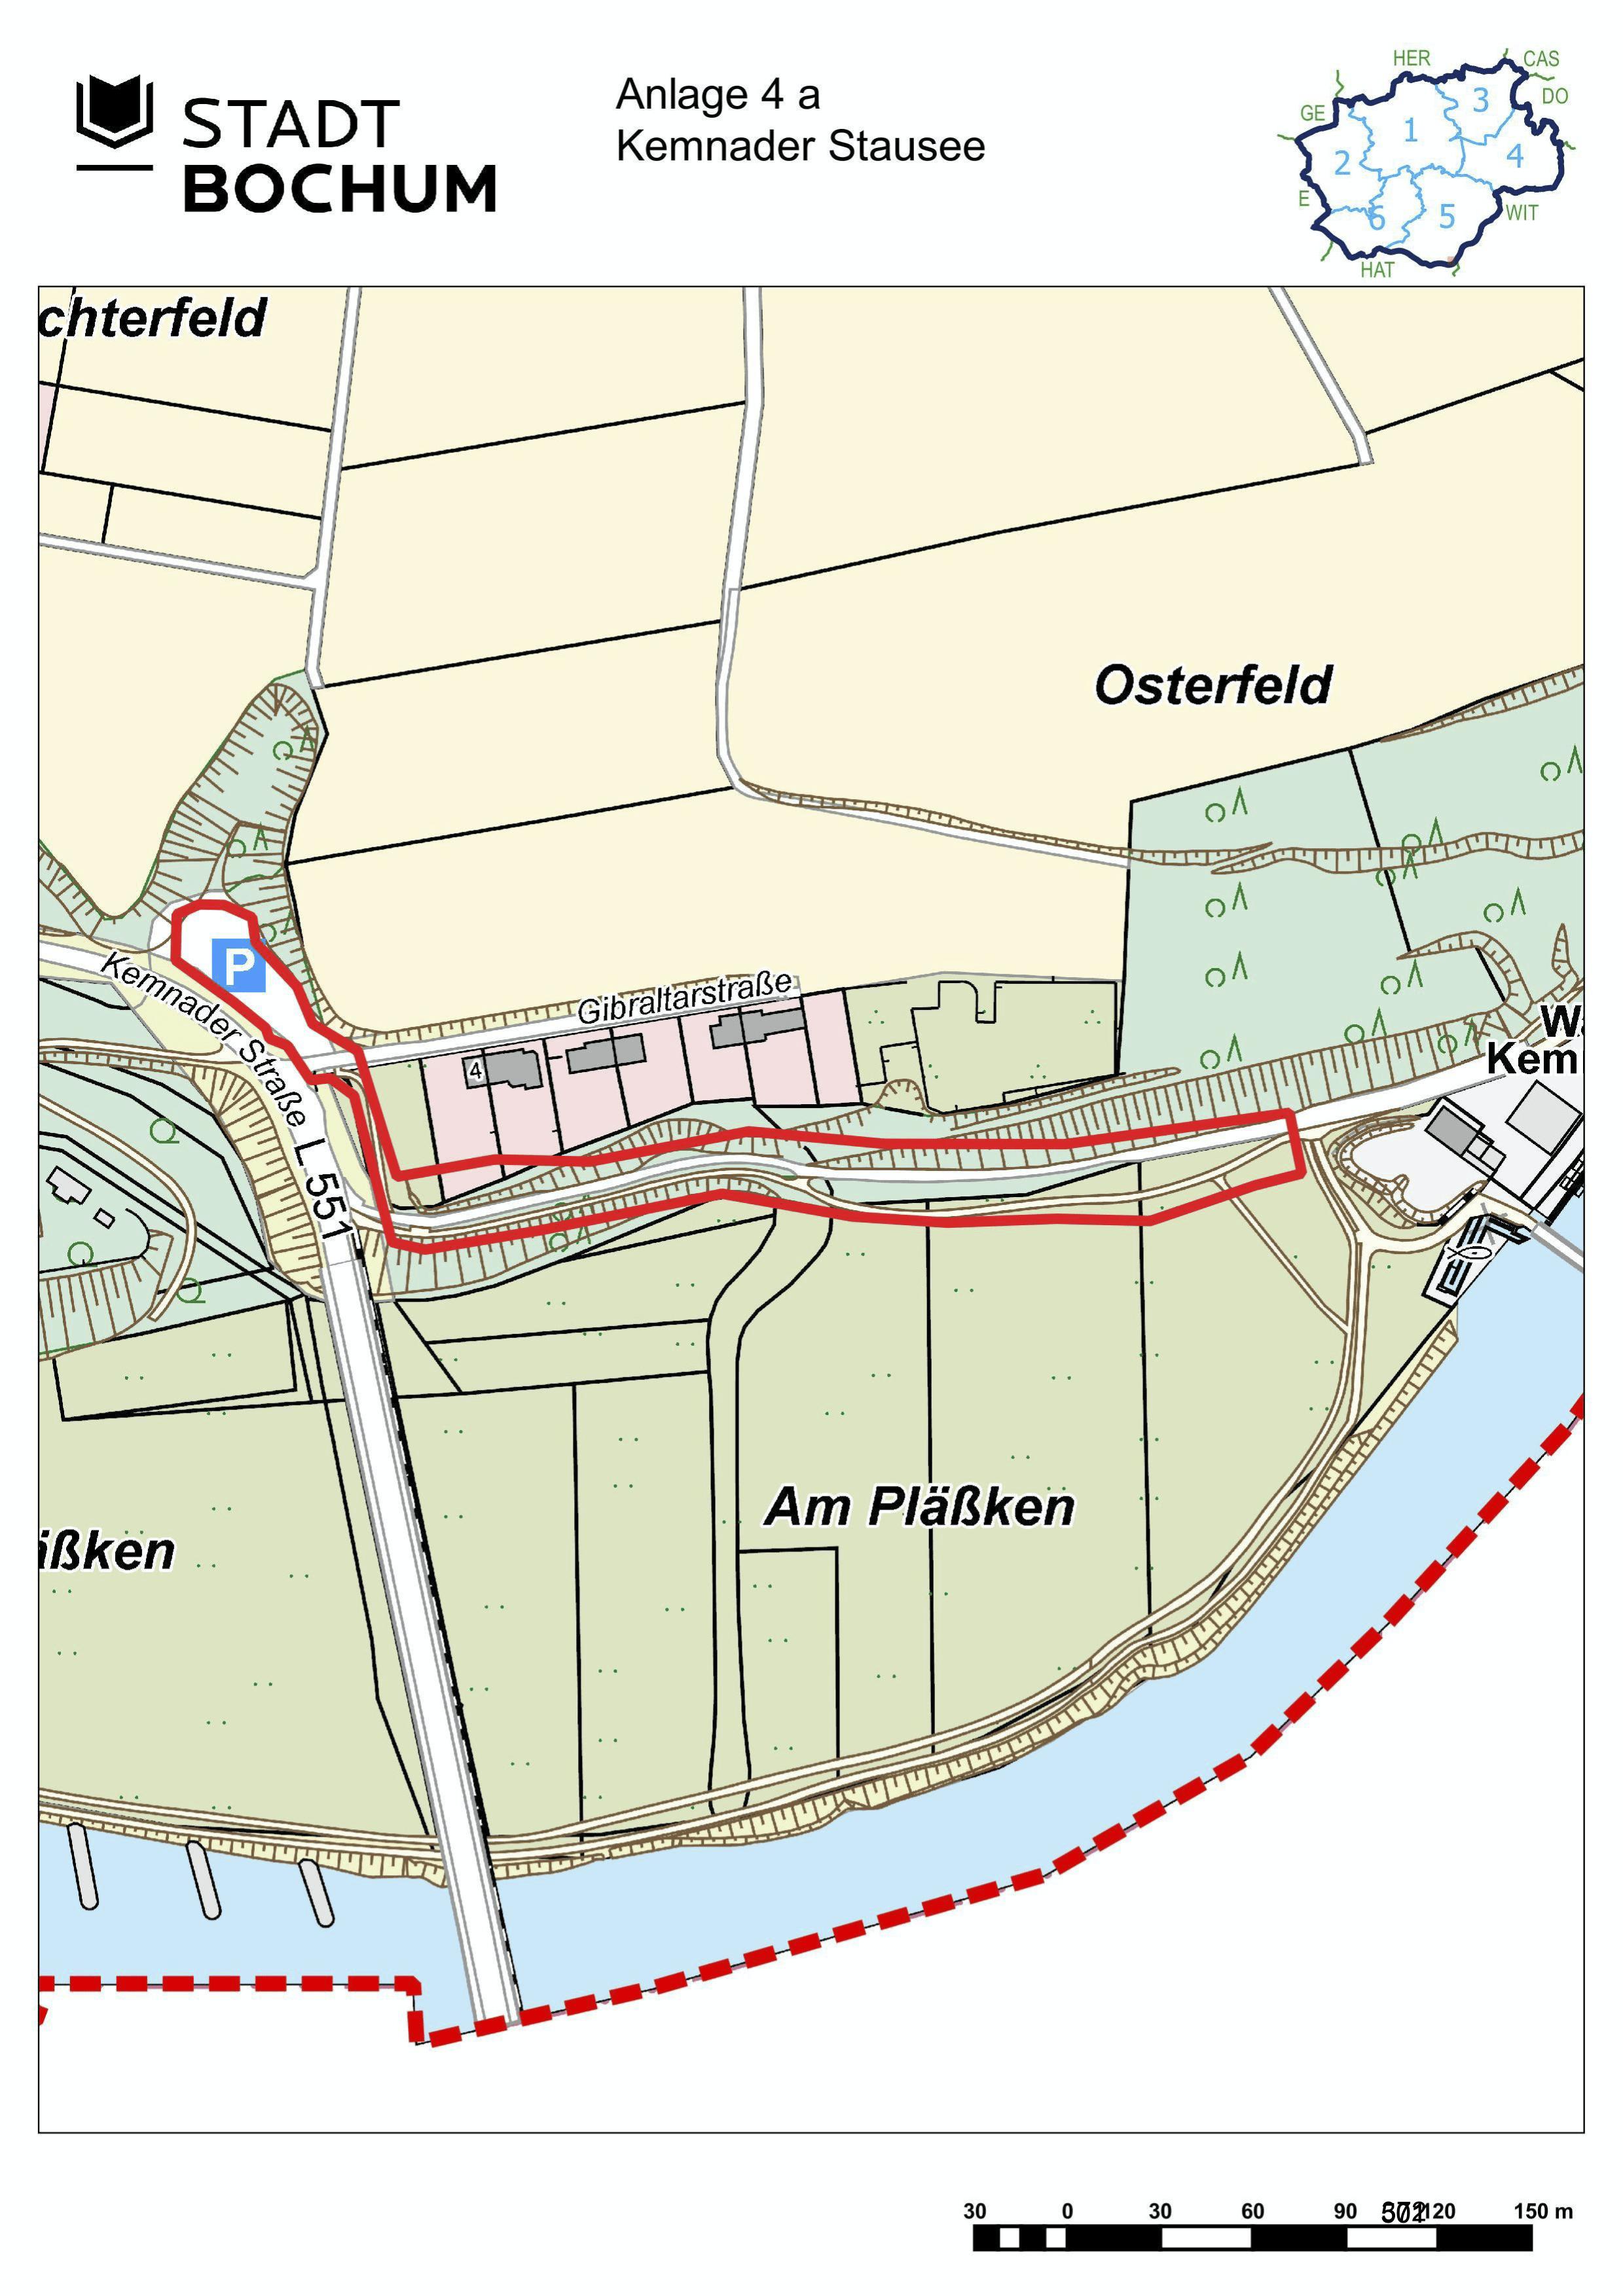 Anlage 4a (Kemnader See) der Sonderausgabe des Amtsblatts (28/2021)